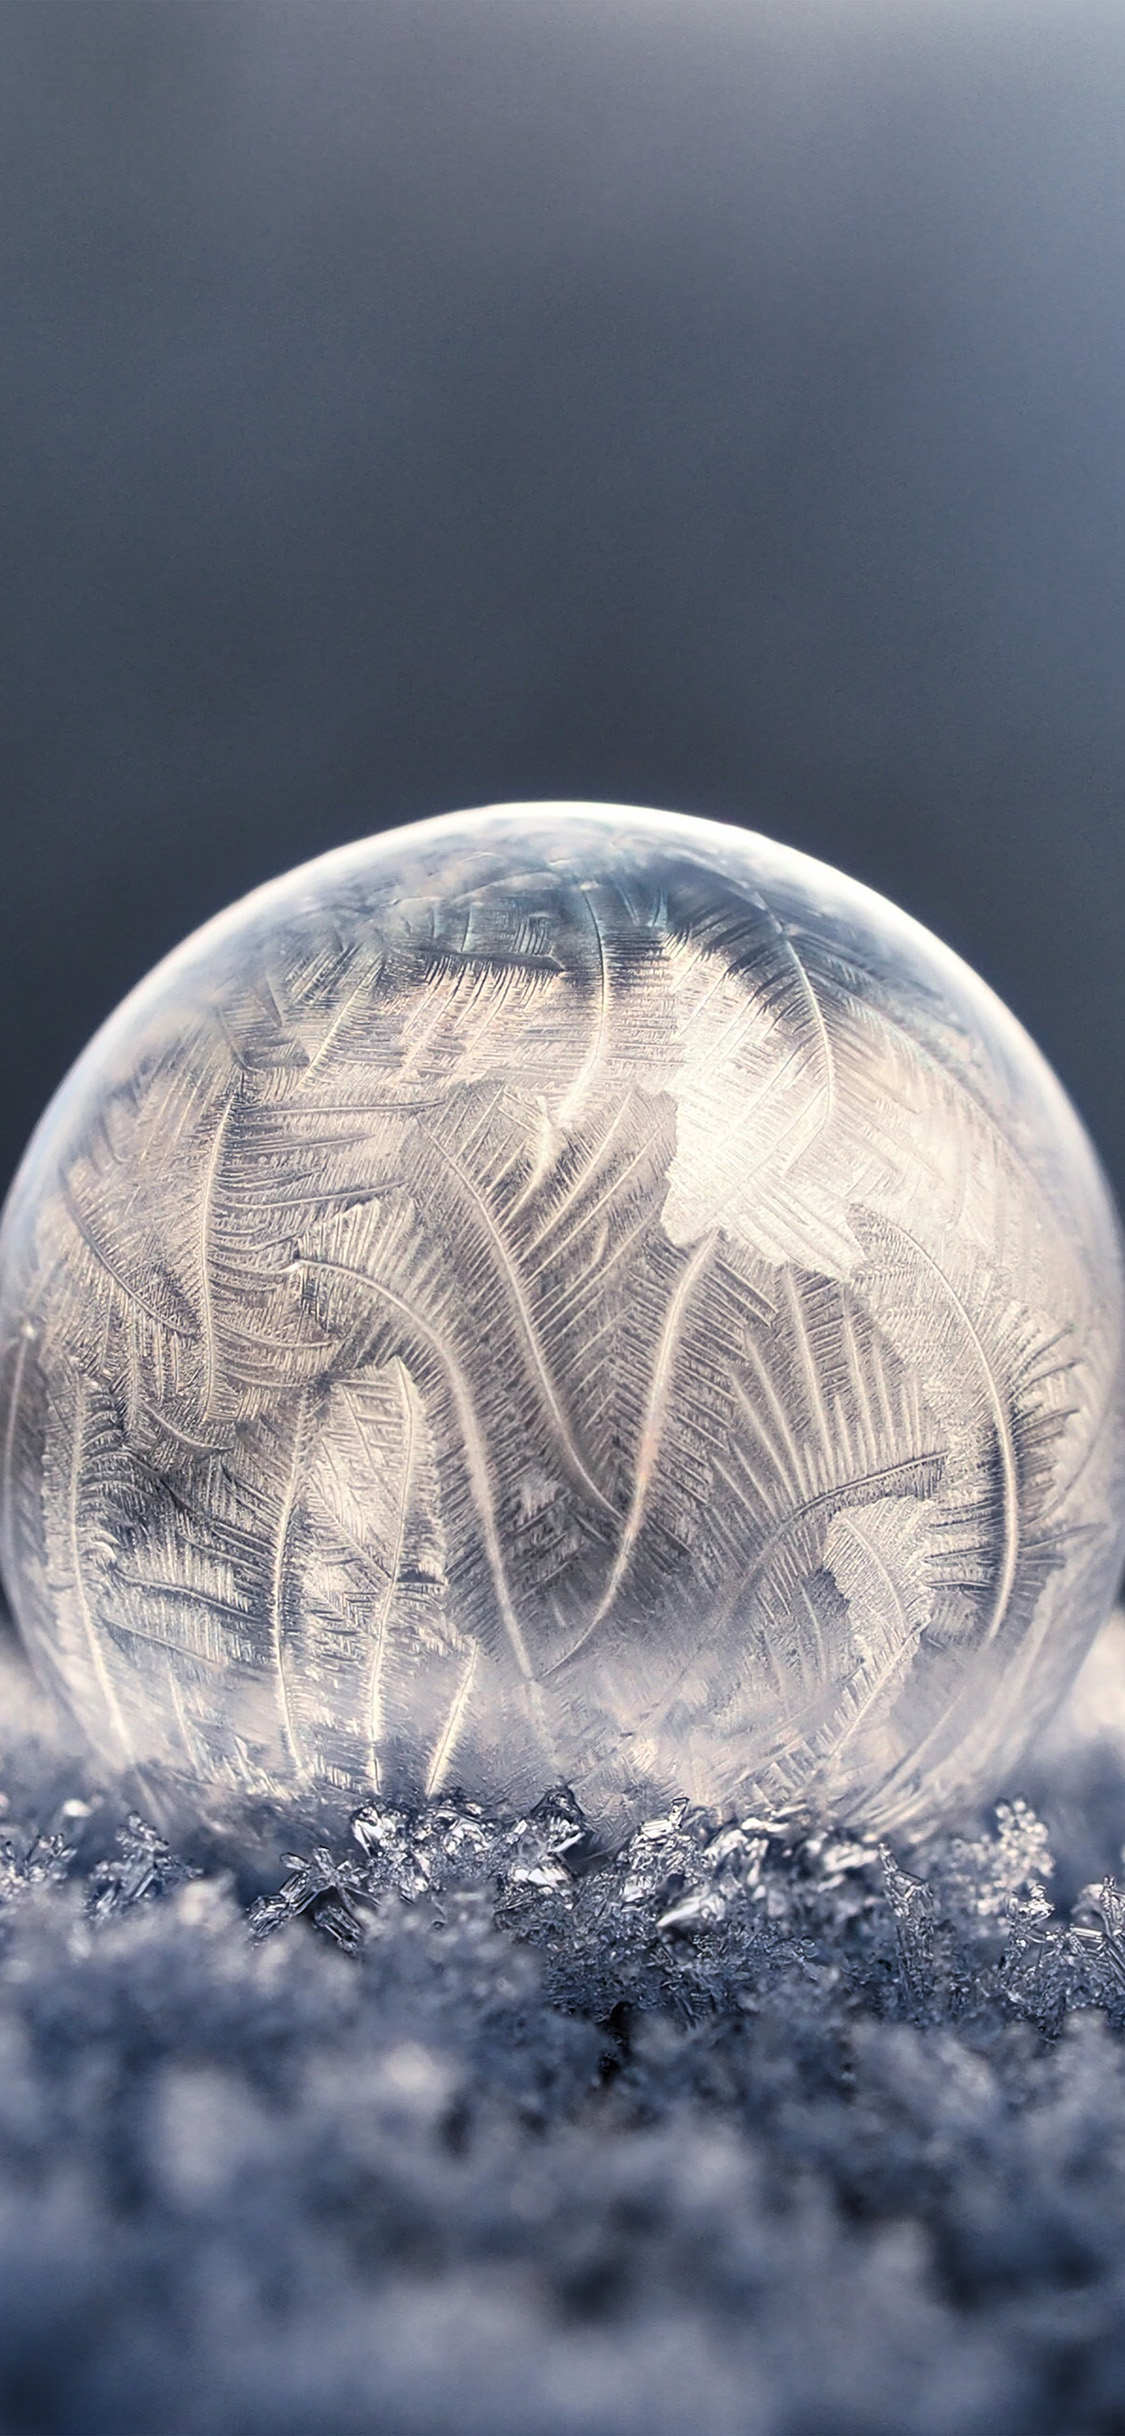 自然壁紙イメージ氷 最初のiphoneの壁紙 1125x2436 Wallpapertip